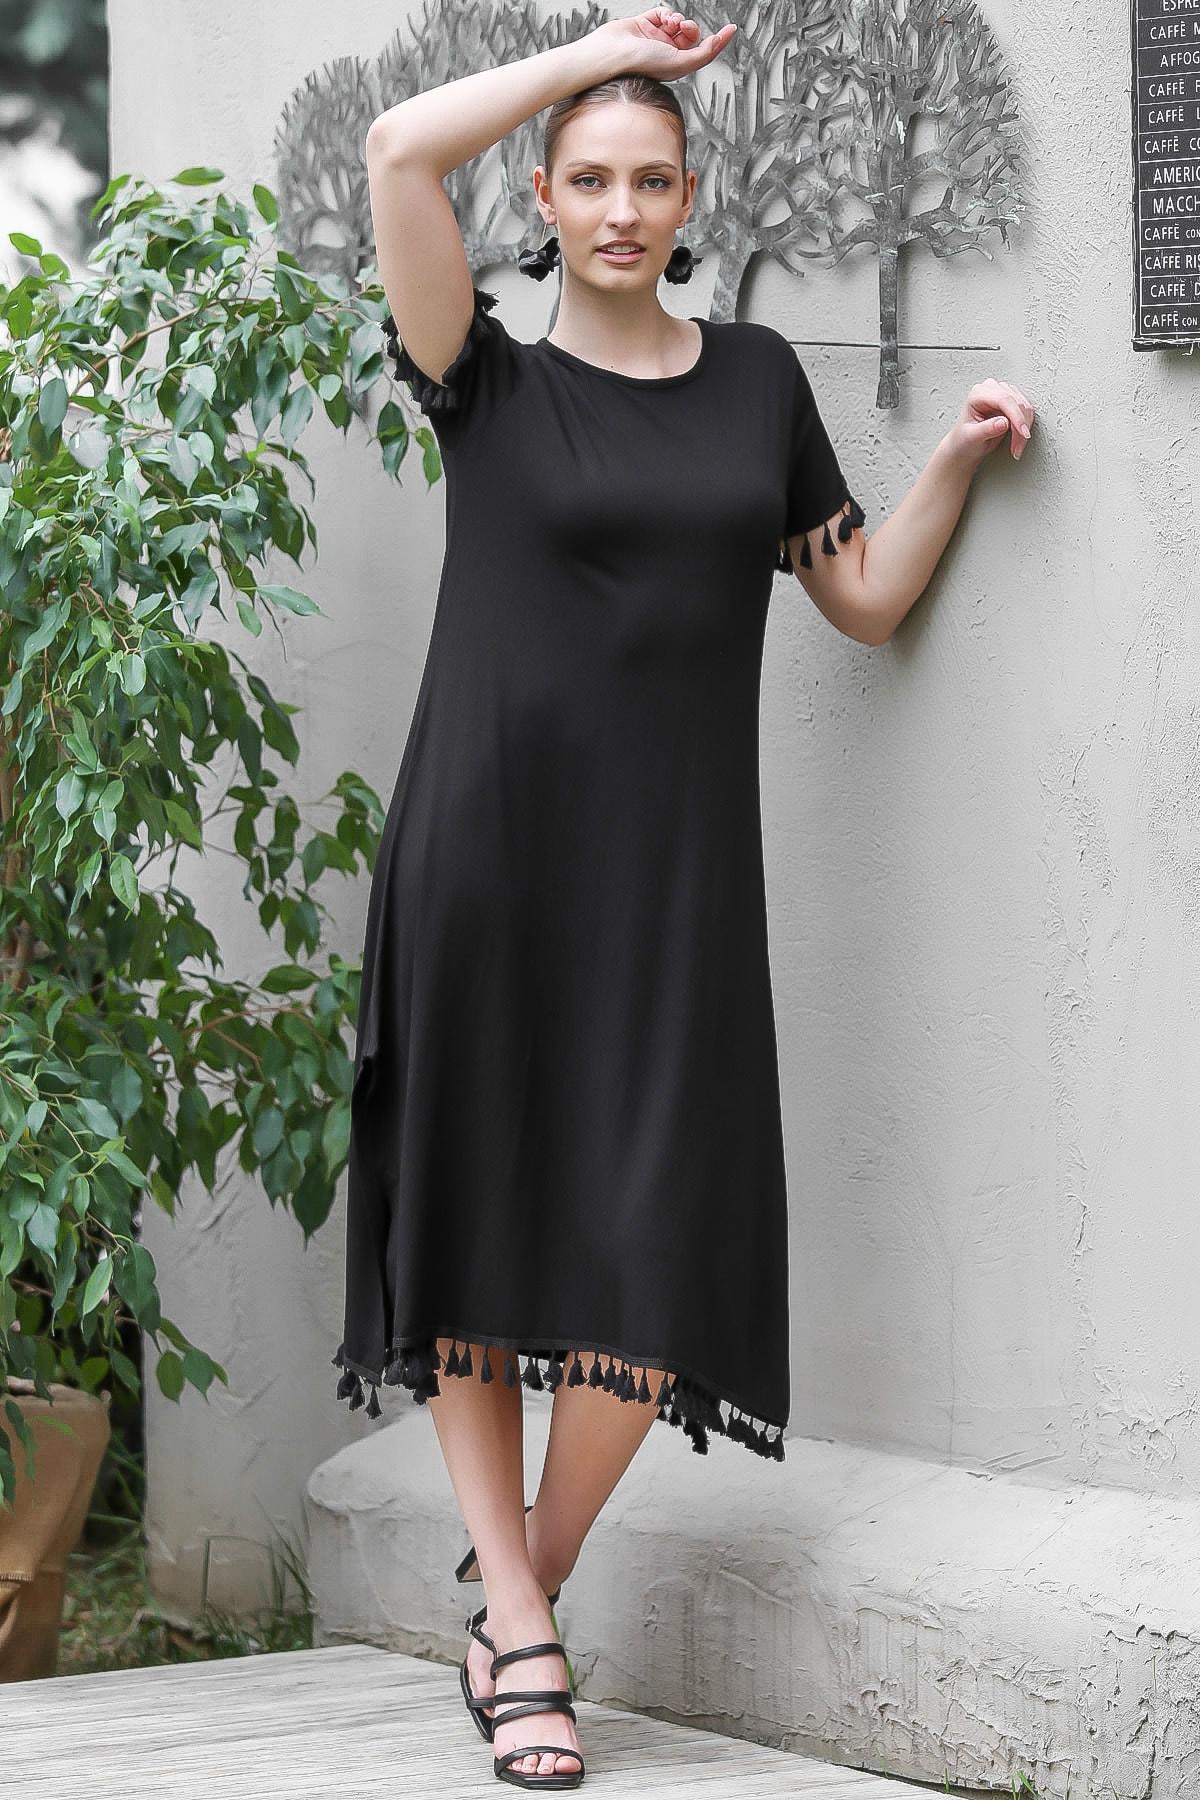 Chiccy Kadın Siyah Sıfır Yaka Kol Ve Etek Ucu Püsküllü Yırtmaçlı Elbise M10160000EL95067 2